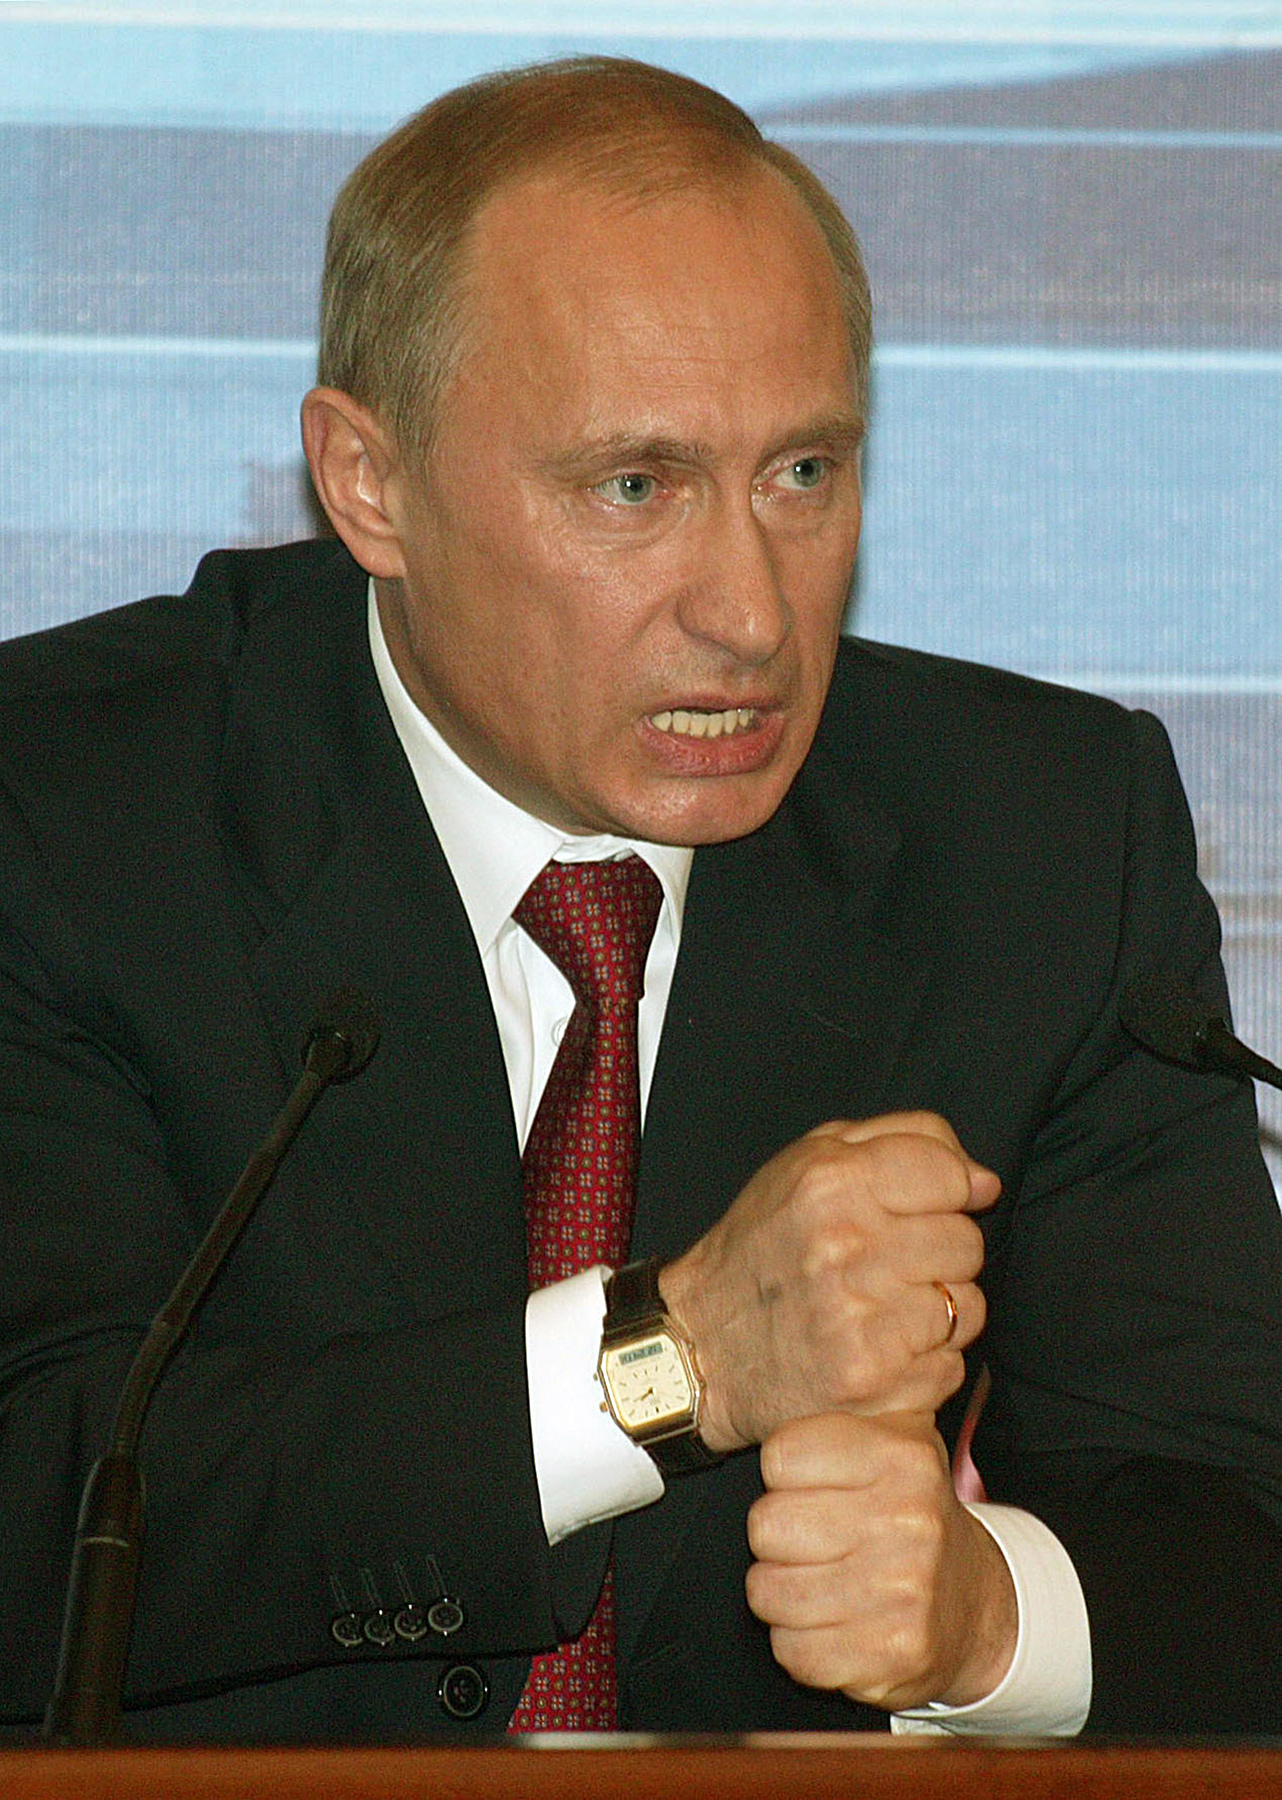 Путин уверяет, что Россия заслужила право на проведение ЧМ-2018: Мы боролись честно - Цензор.НЕТ 3671